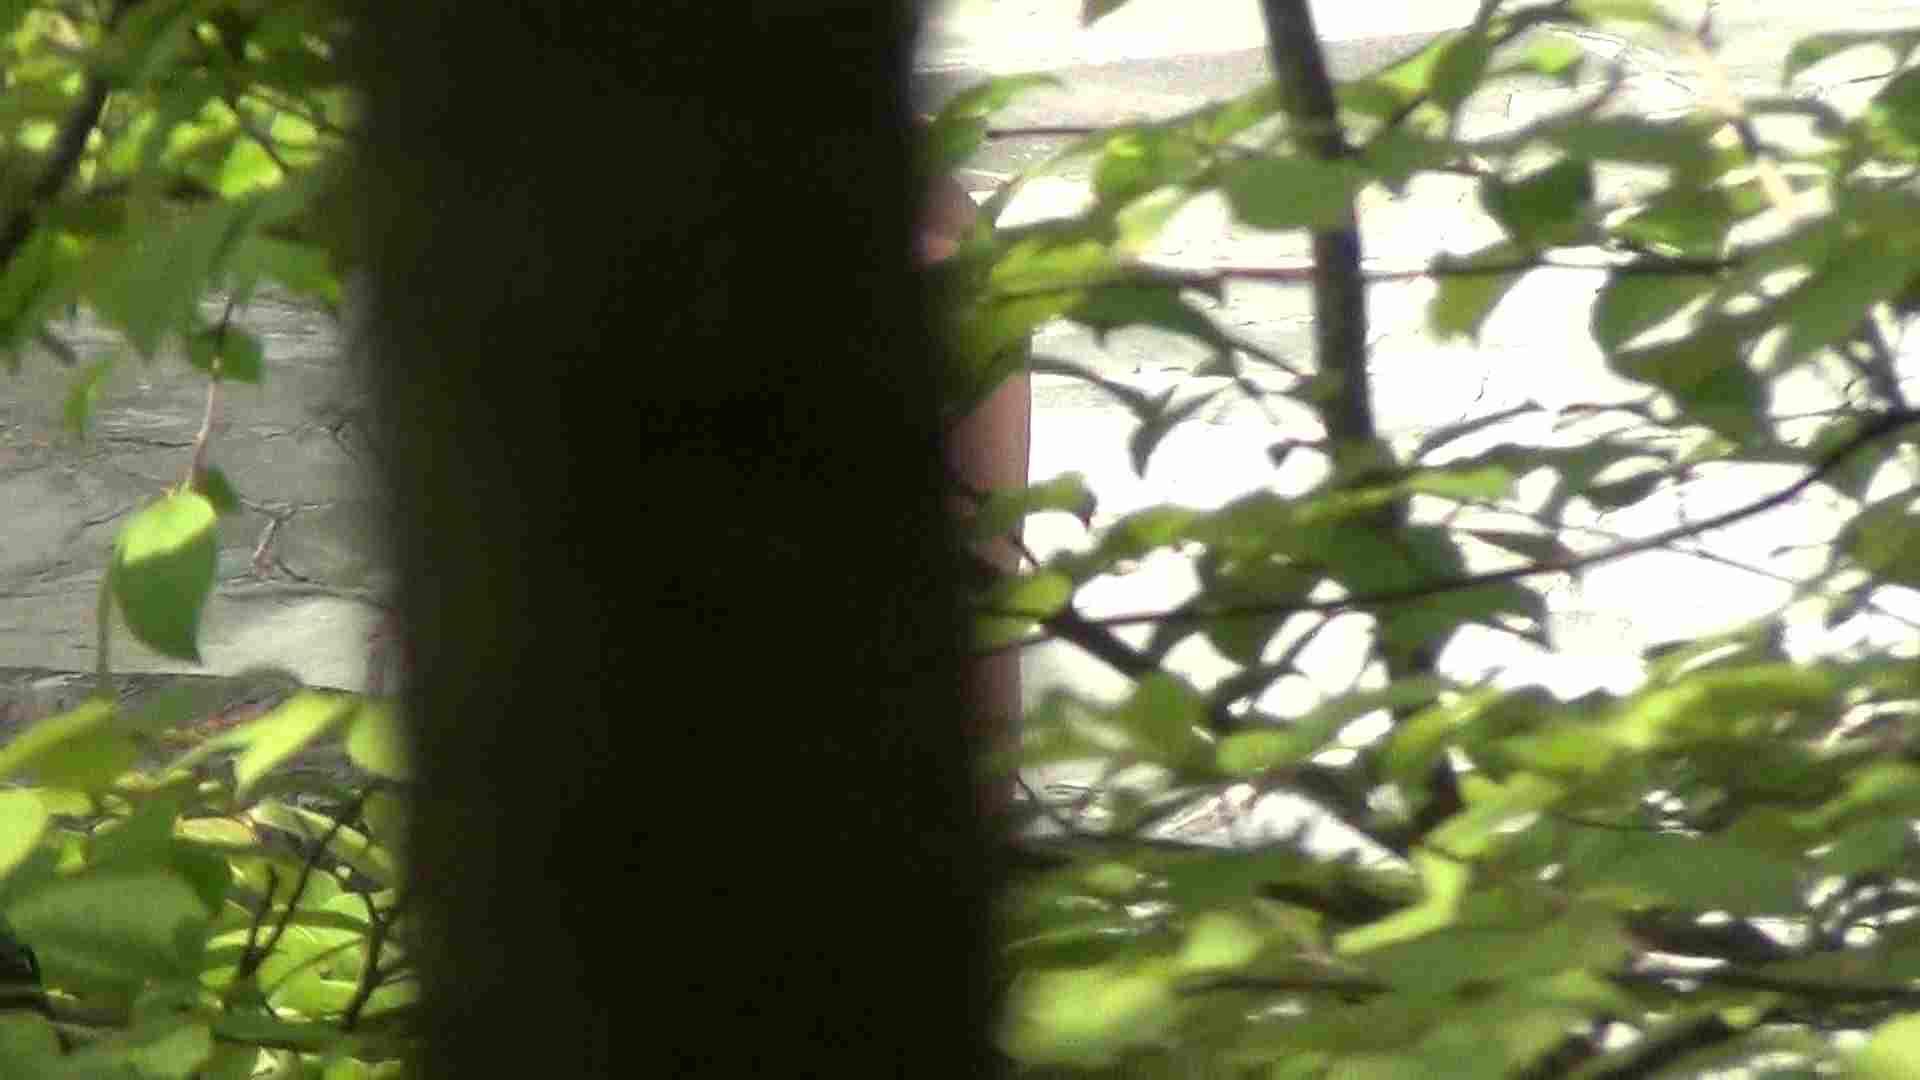 ハイビジョンVol.14 年齢とともに大きくなる心と乳首 美肌 ワレメ無修正動画無料 59画像 45